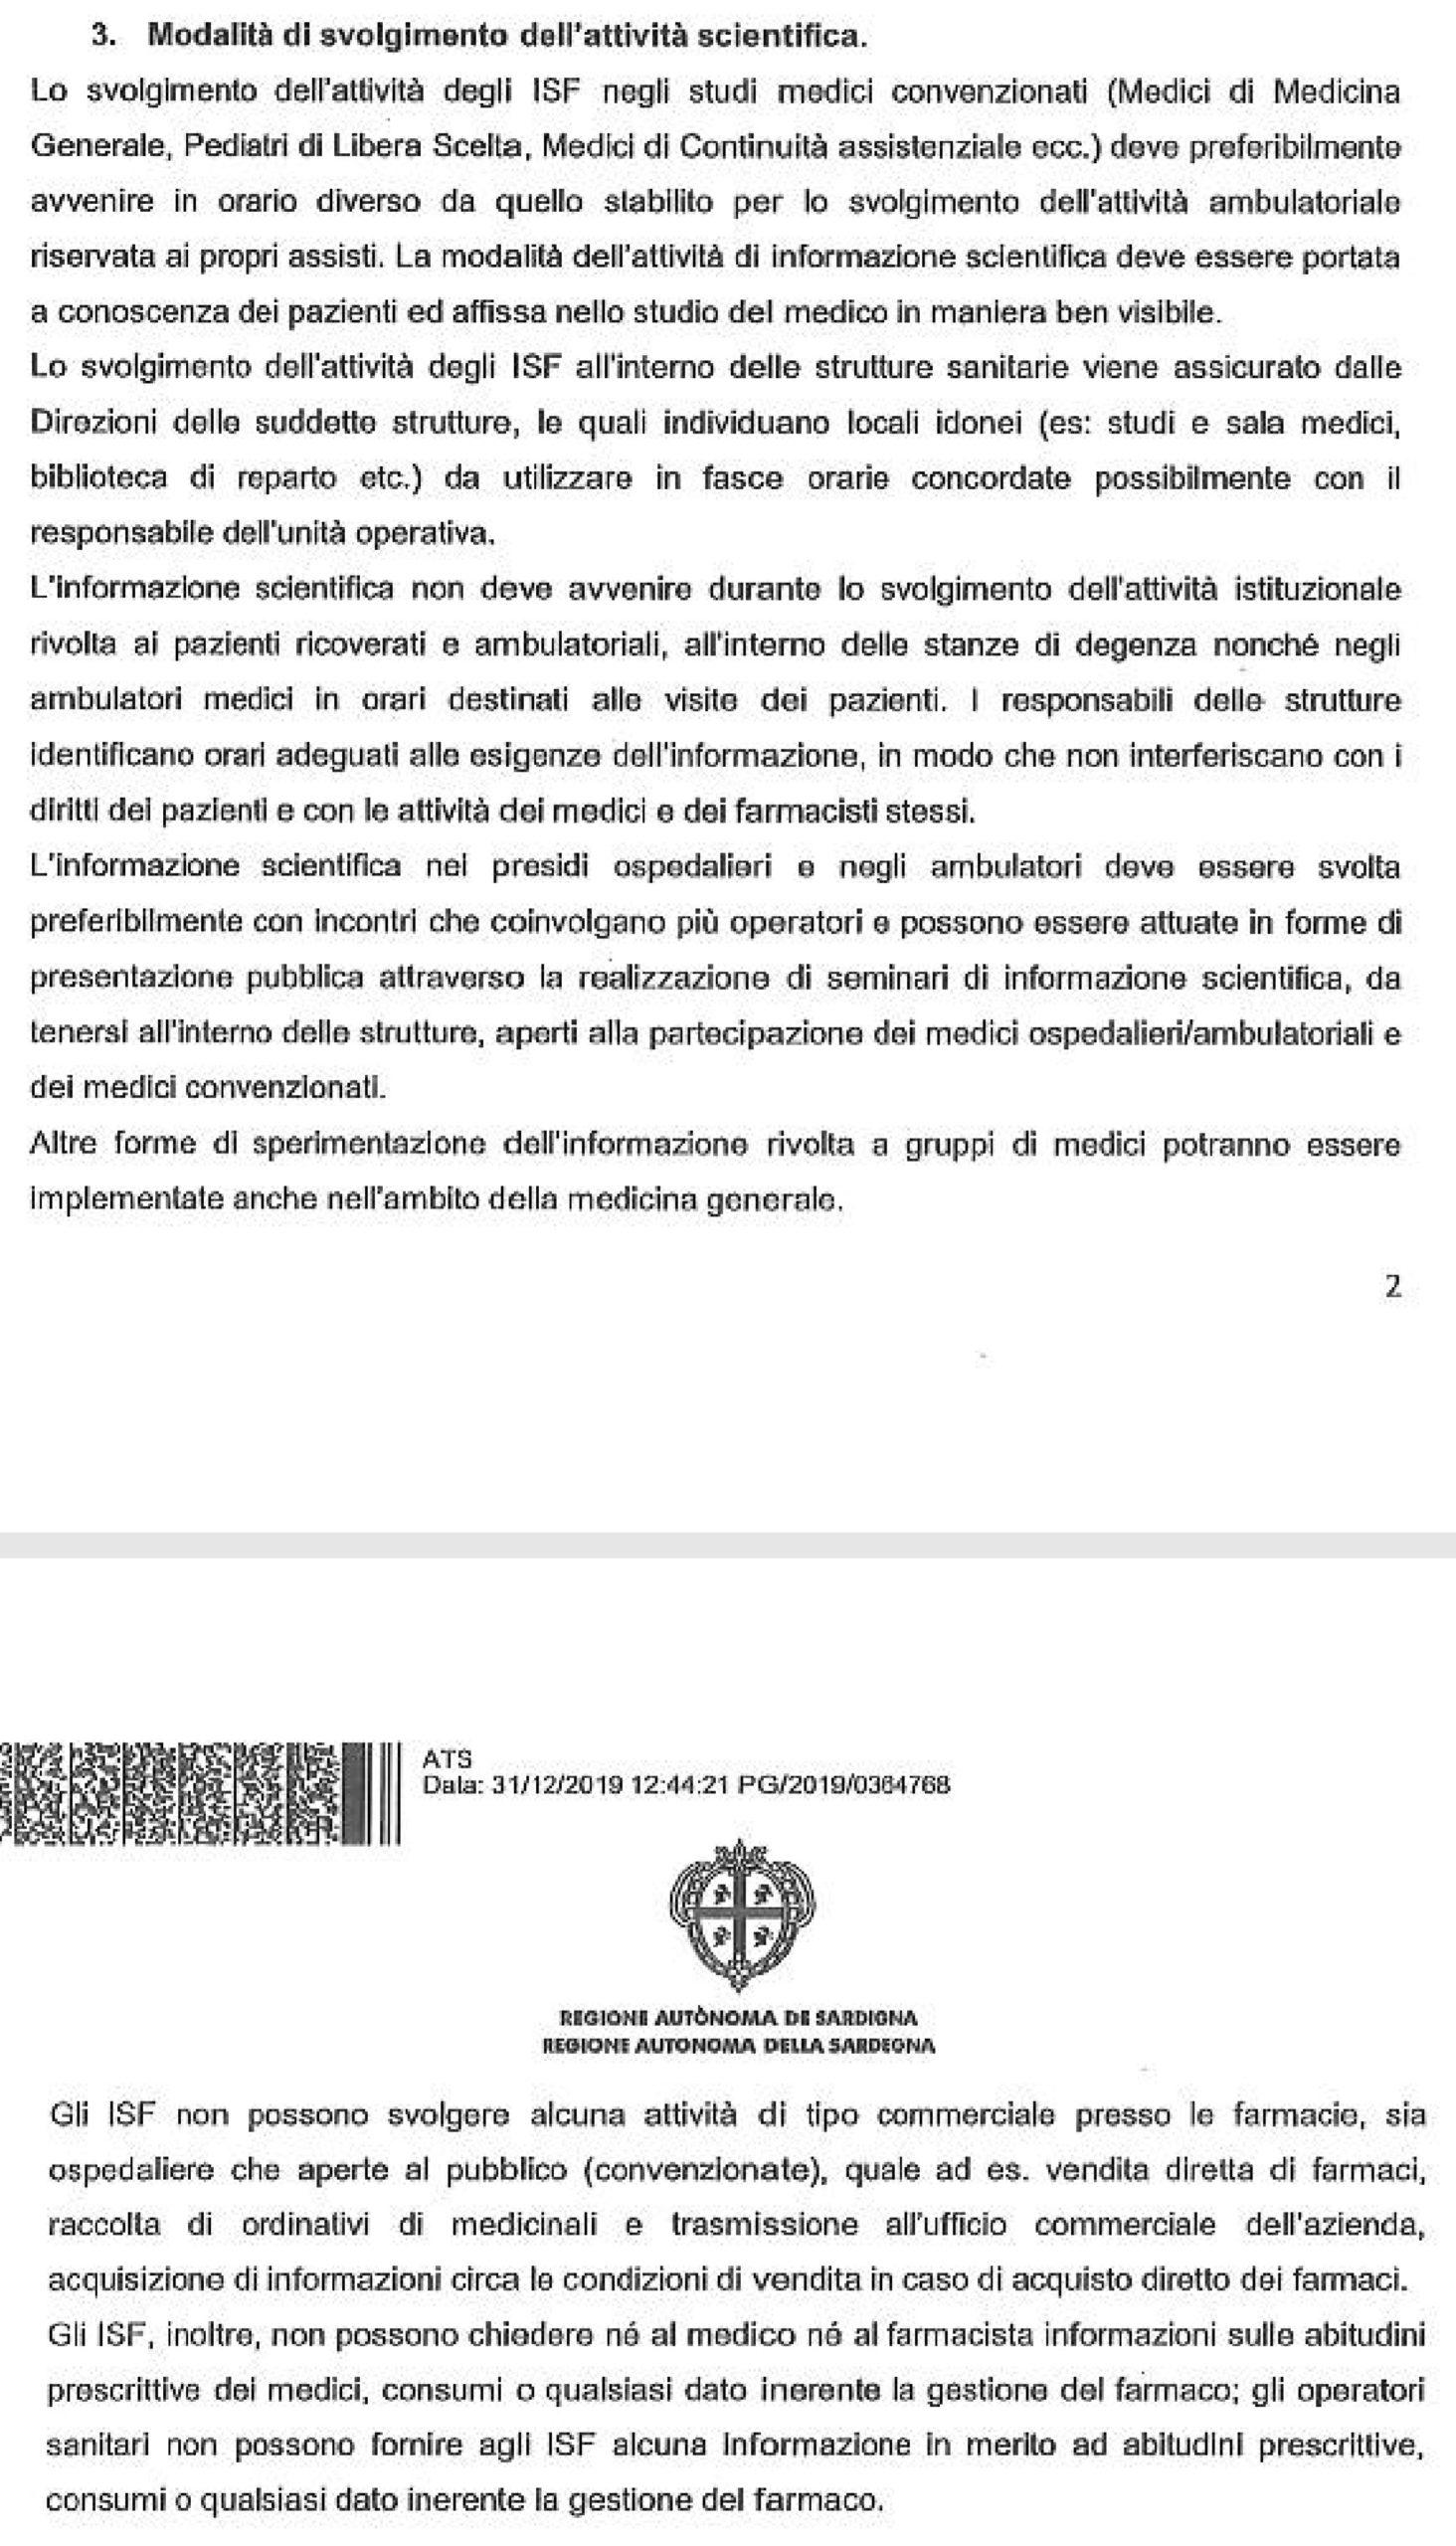 Estratto regolamentazione Accesso ISF regione Sardegna